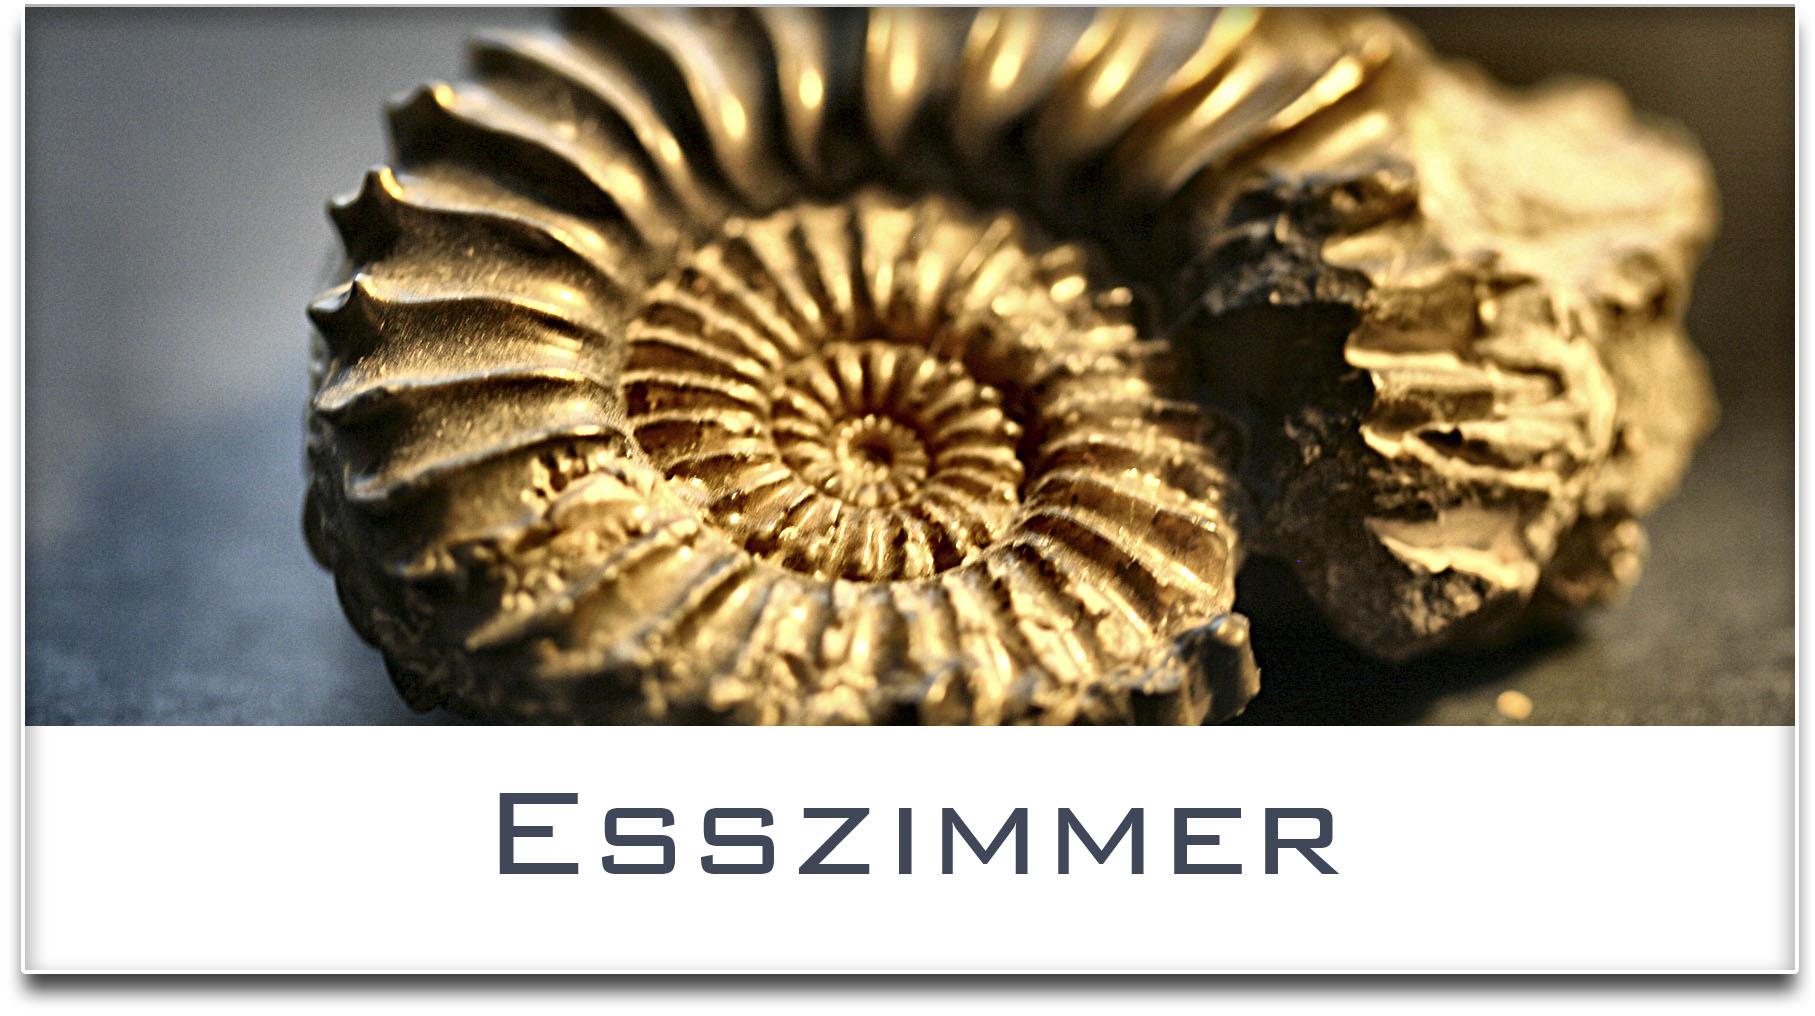 Türschild / Haustürschild / Versteinerte Muschel / Esszimmer / Selbstklebend